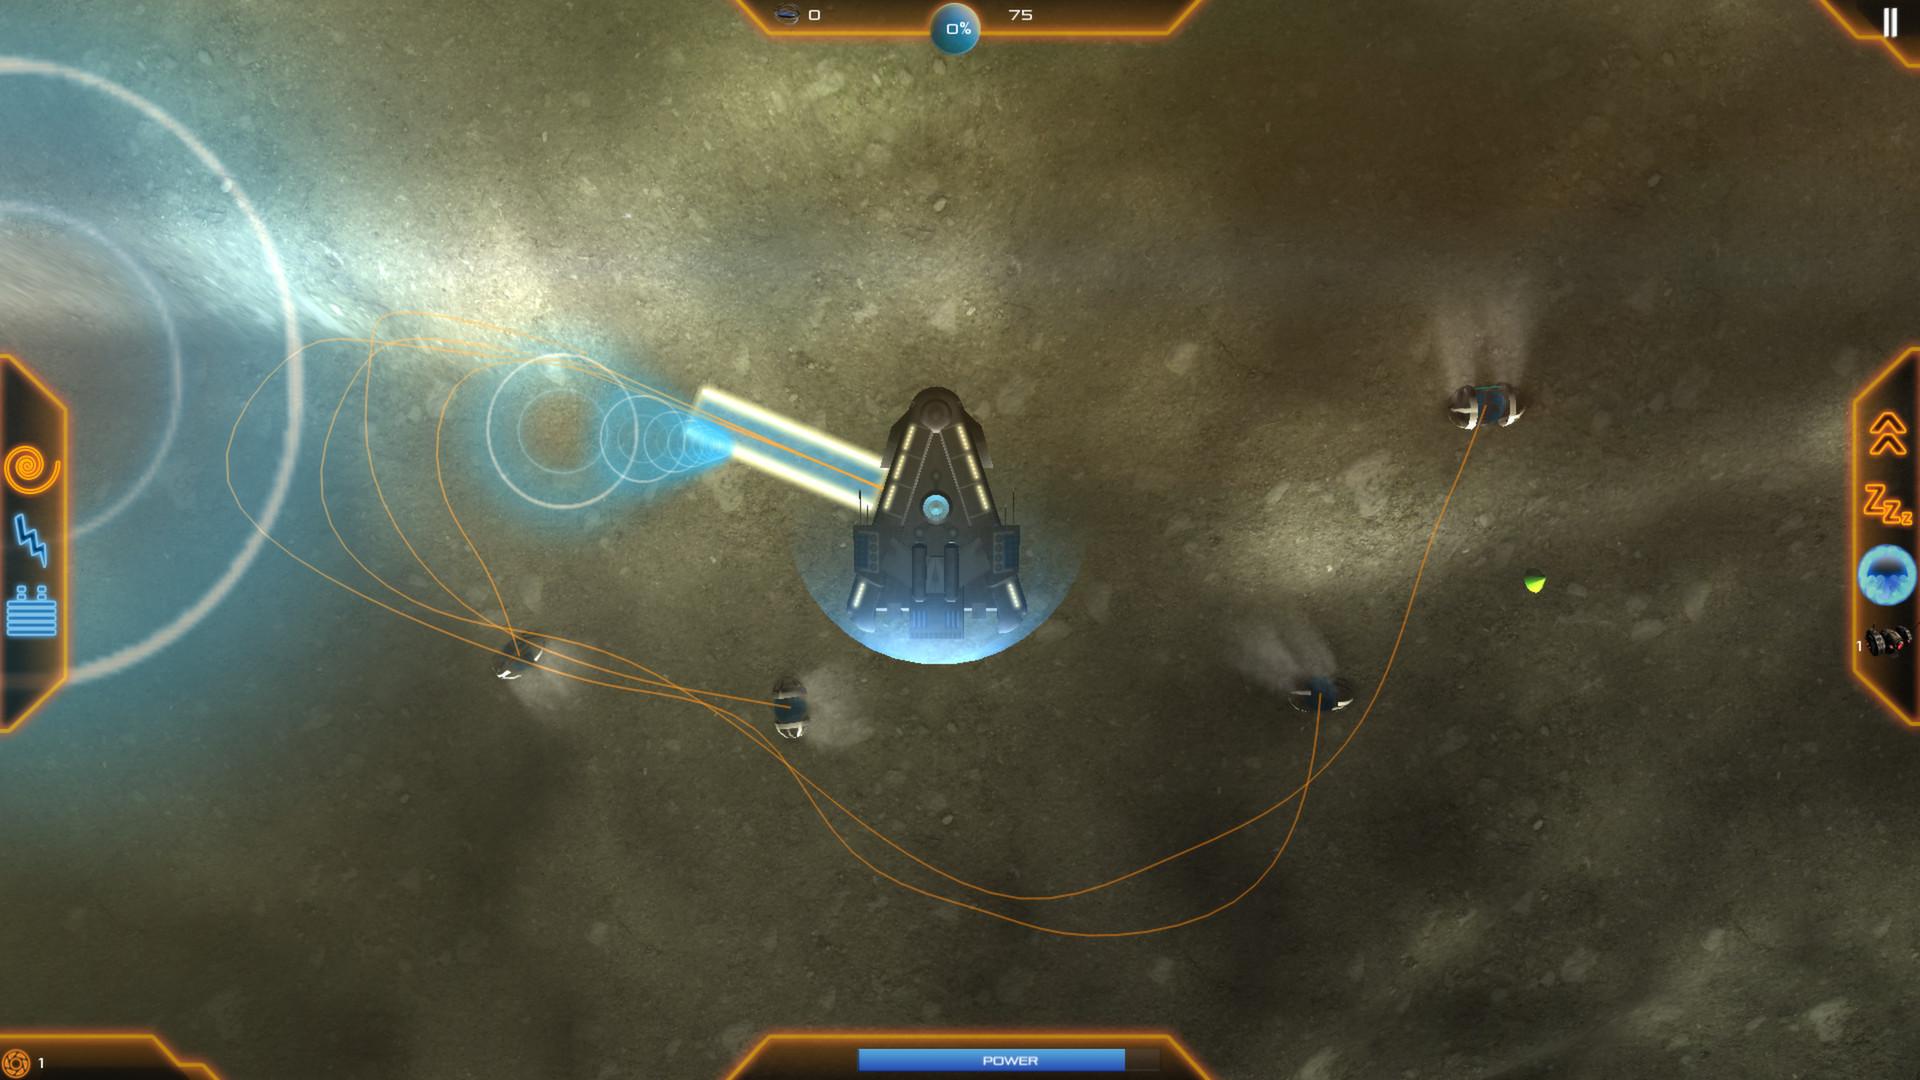 com.steam.286440-screenshot